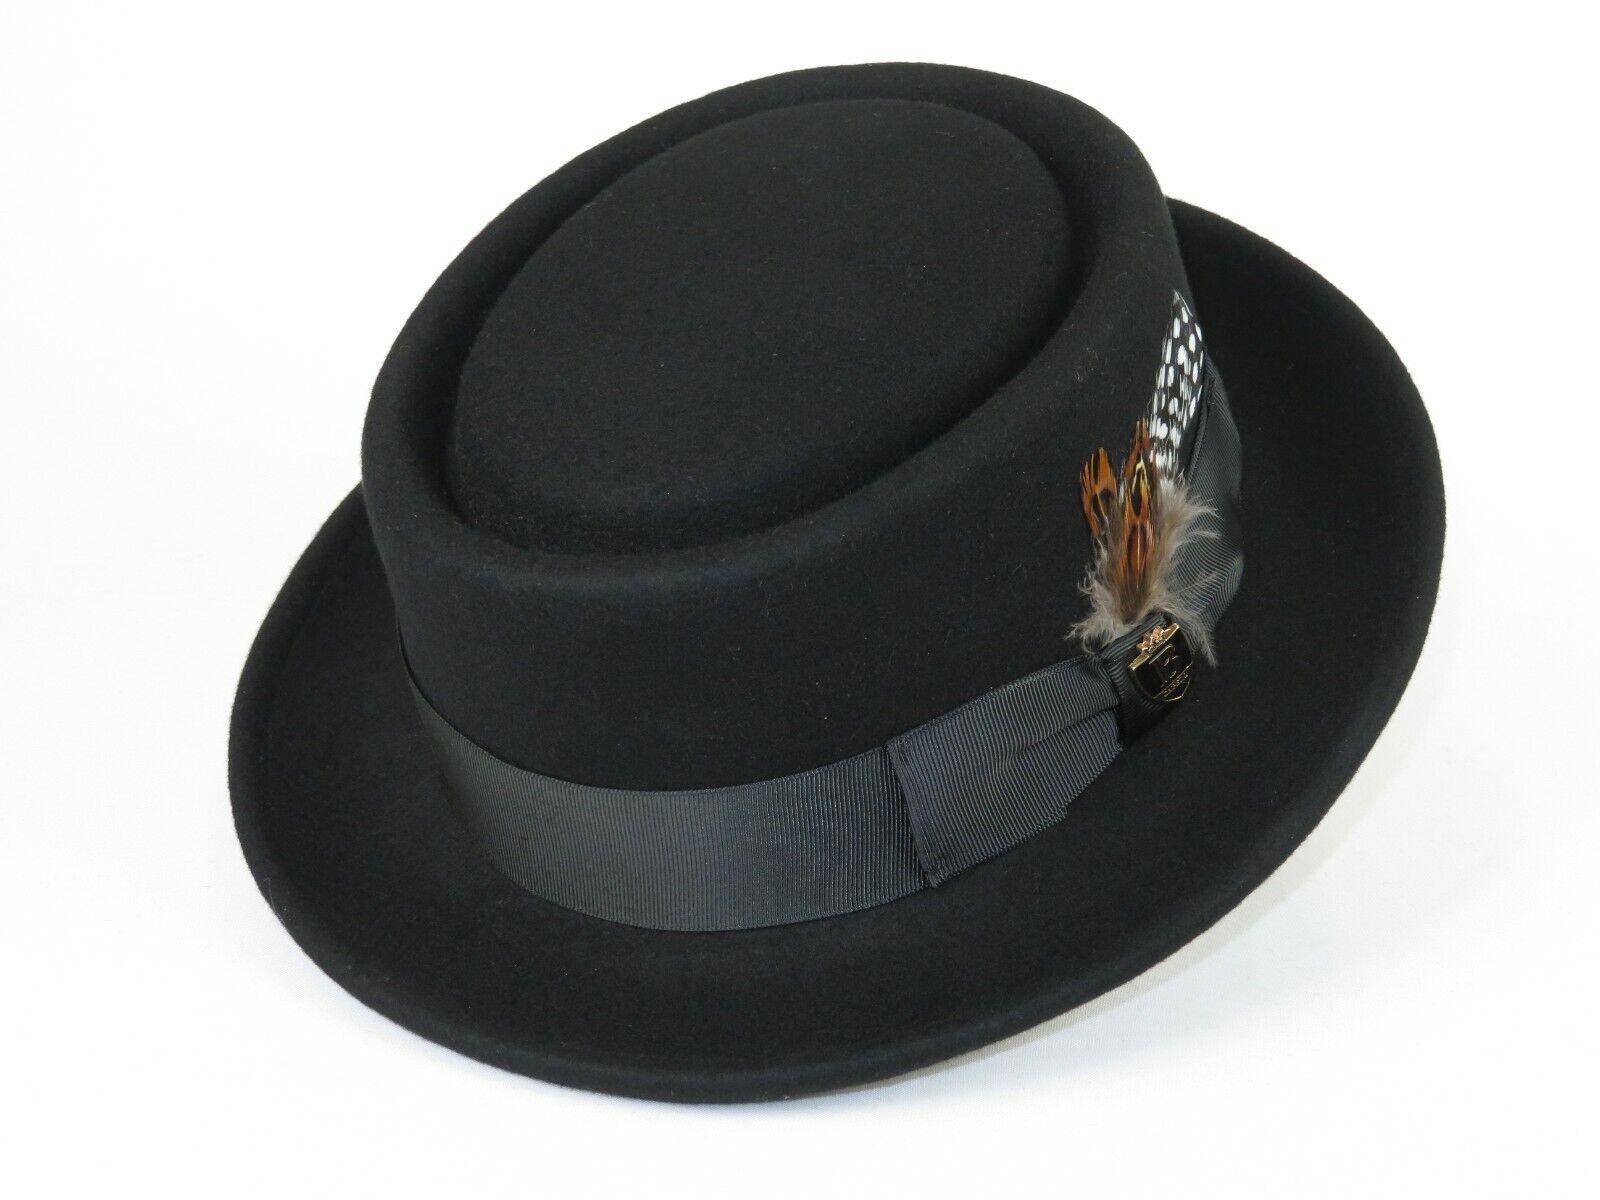 Mens 100 Wool Camel Pork Pie Hat Size Medium M 7 To 7 1 8 For Sale Online Ebay